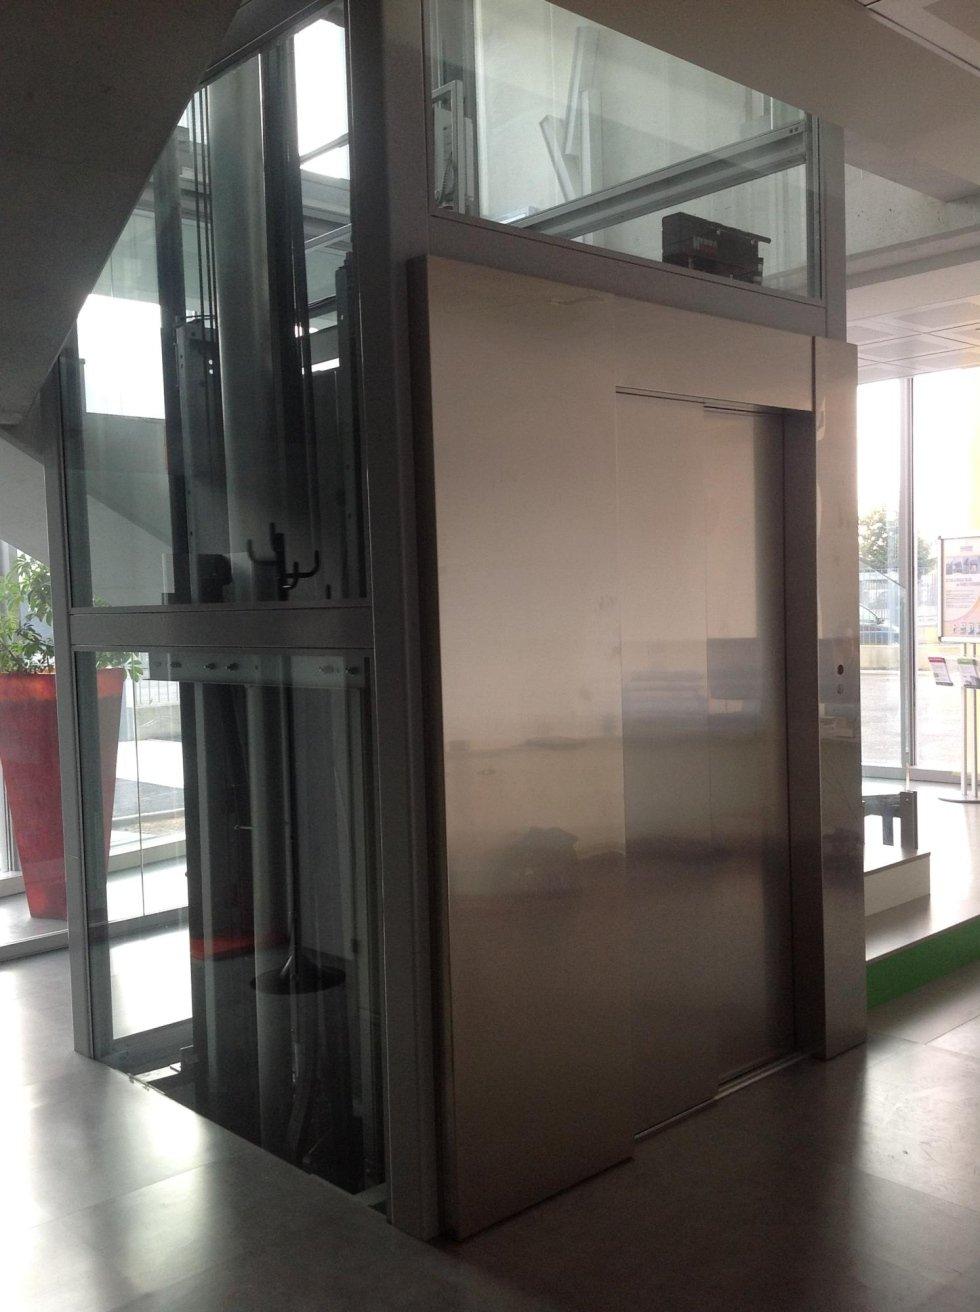 ascensore in vetro con porte chiuse in acciaio inox